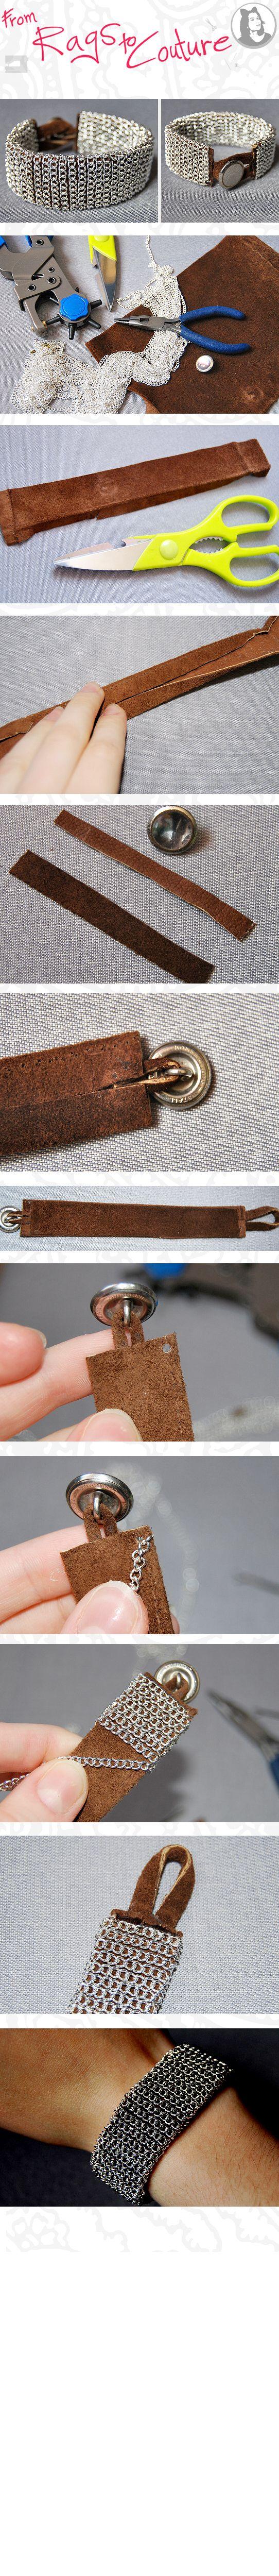 DIY leather bracelet and chain | faidate bracciale in pelle e catenella | davvero bello e semplice!